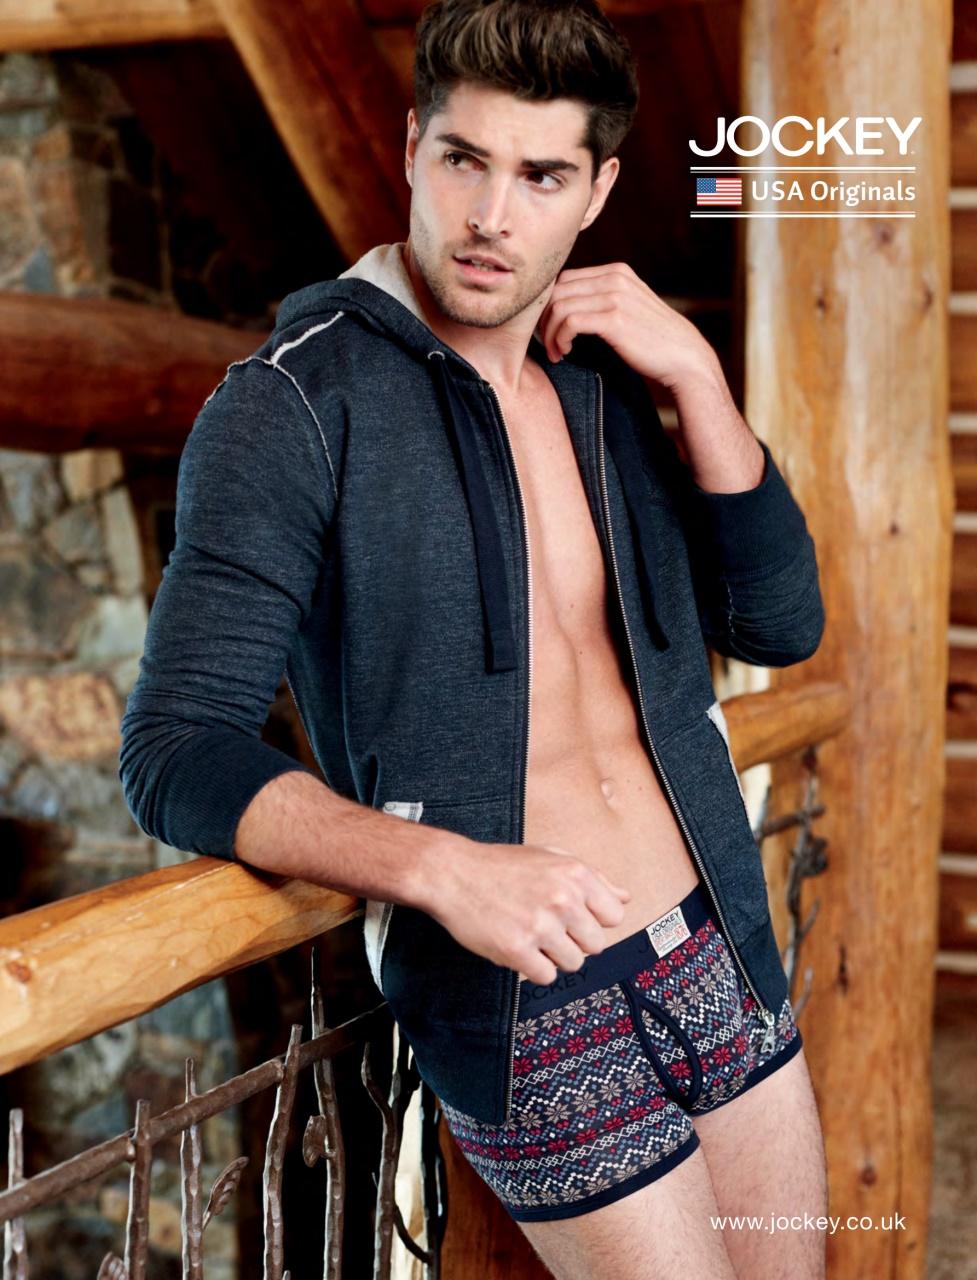 attitude gay magazine pdf free download